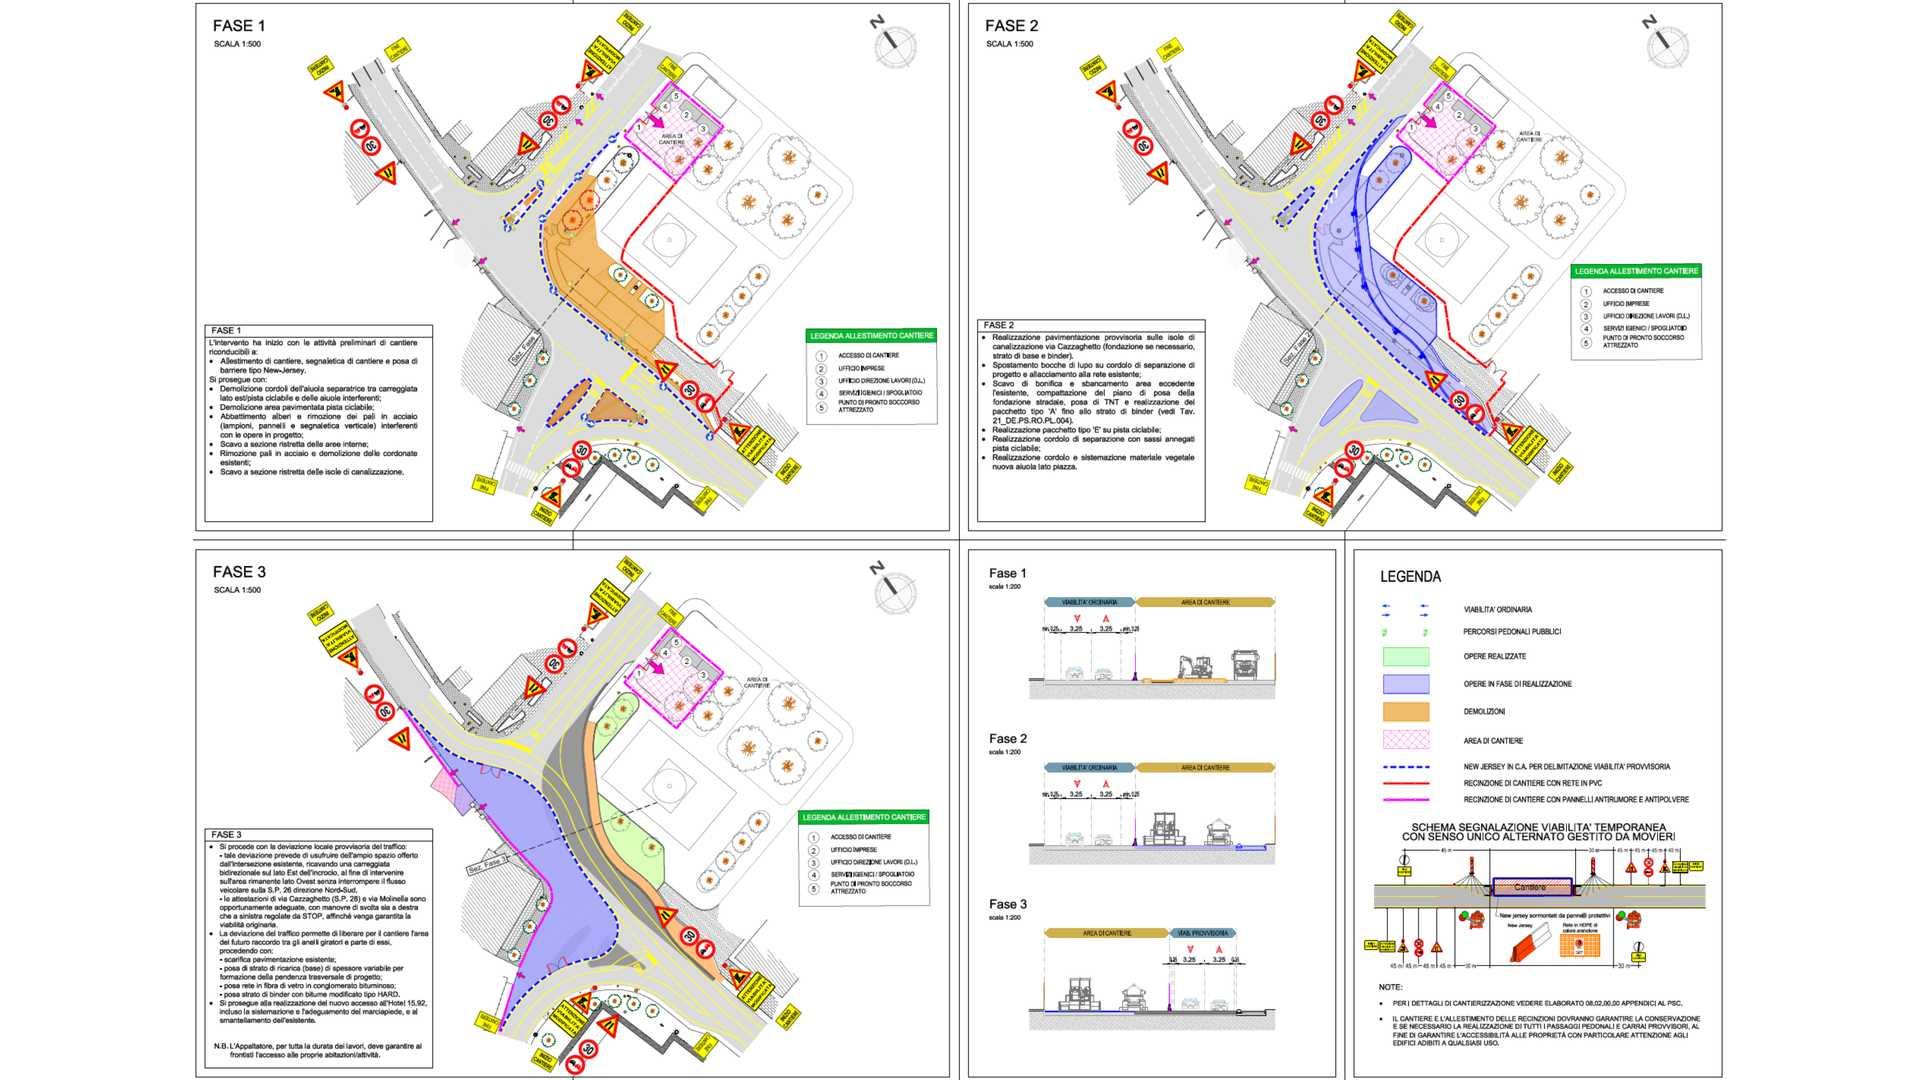 Rotatorie Cazzago_Progetto_003E-Farm ingegneria Padova